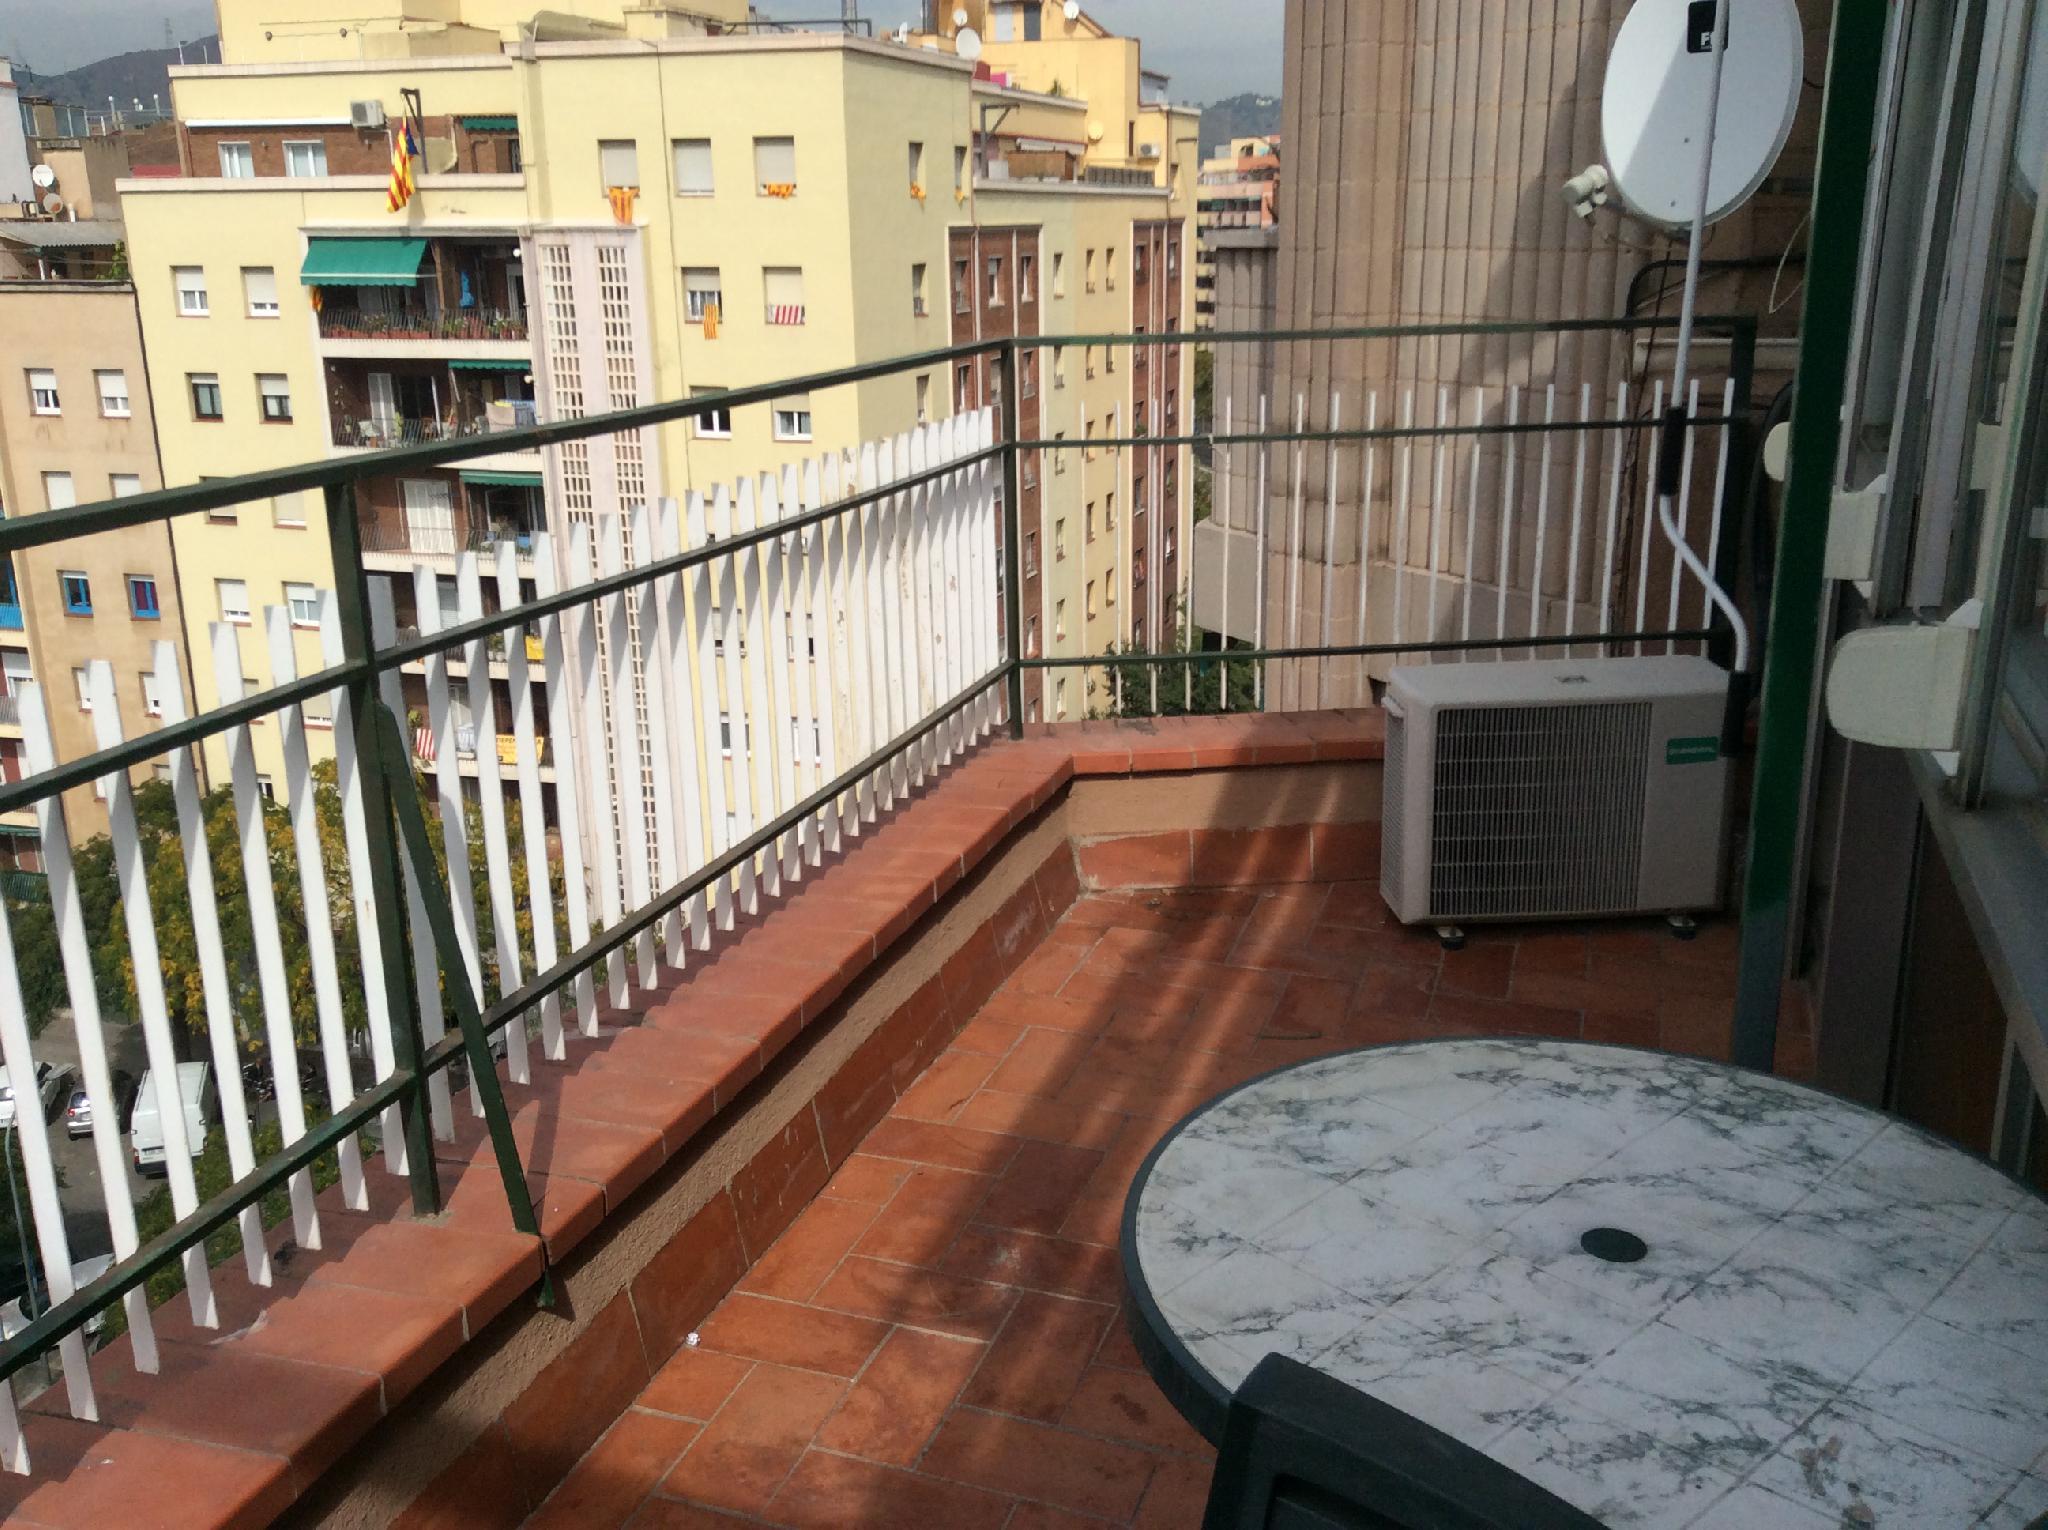 terraza-atico-en-venta-en-junrto-riera-de-horta-la-sagrera-en-barcelona-215353412